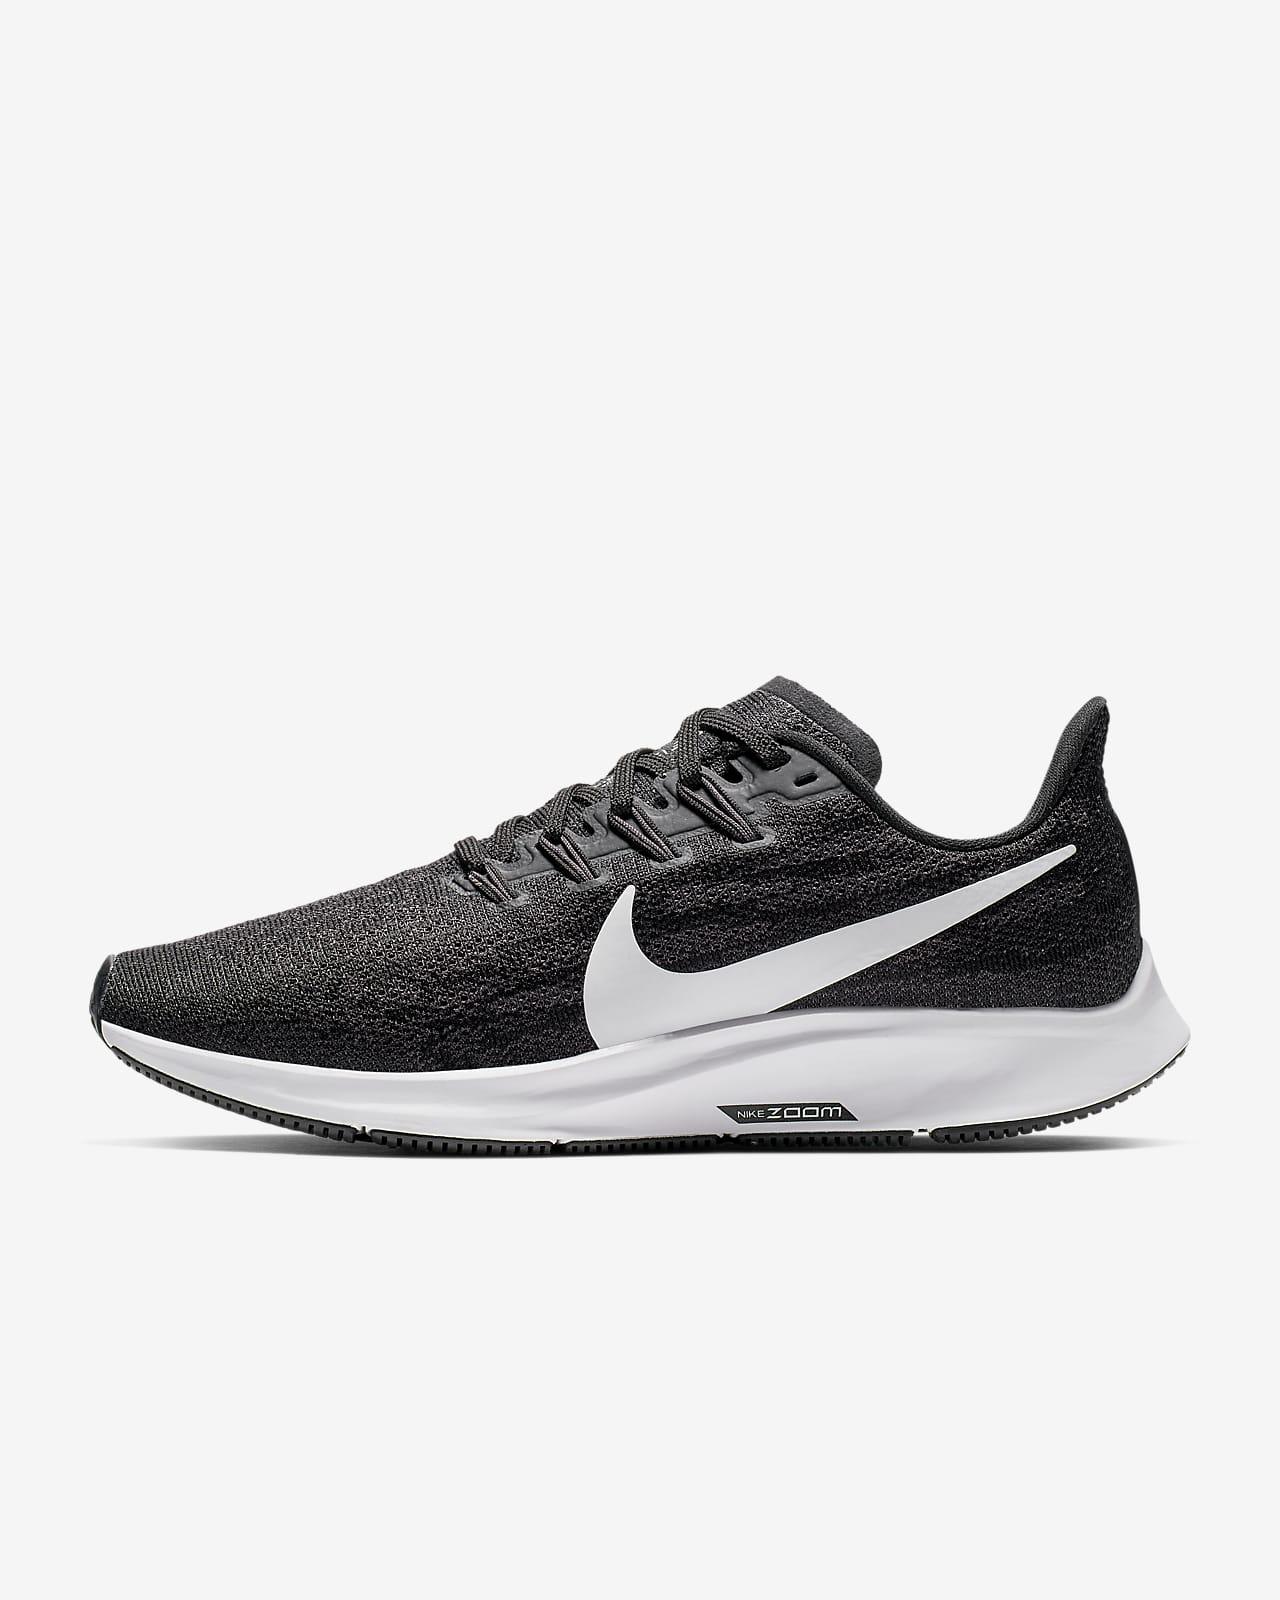 รองเท้าวิ่งผู้หญิง Nike Air Zoom Pegasus 36